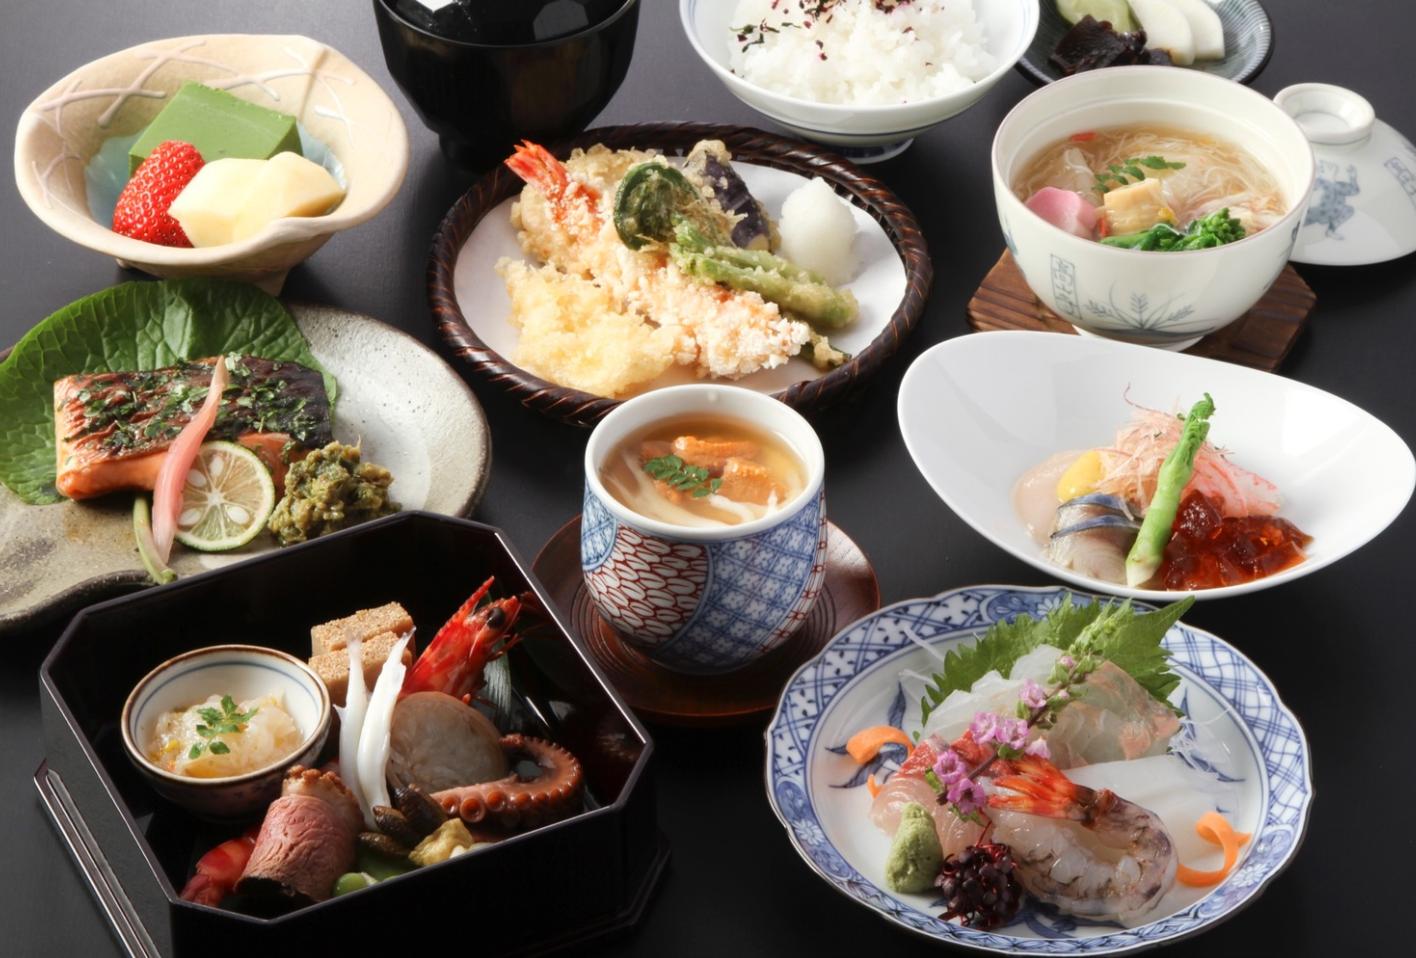 【京都】和の魅力を知る旅へ。荷物を預けて和食をじっくり味わえるecbo cloak加盟店5選!